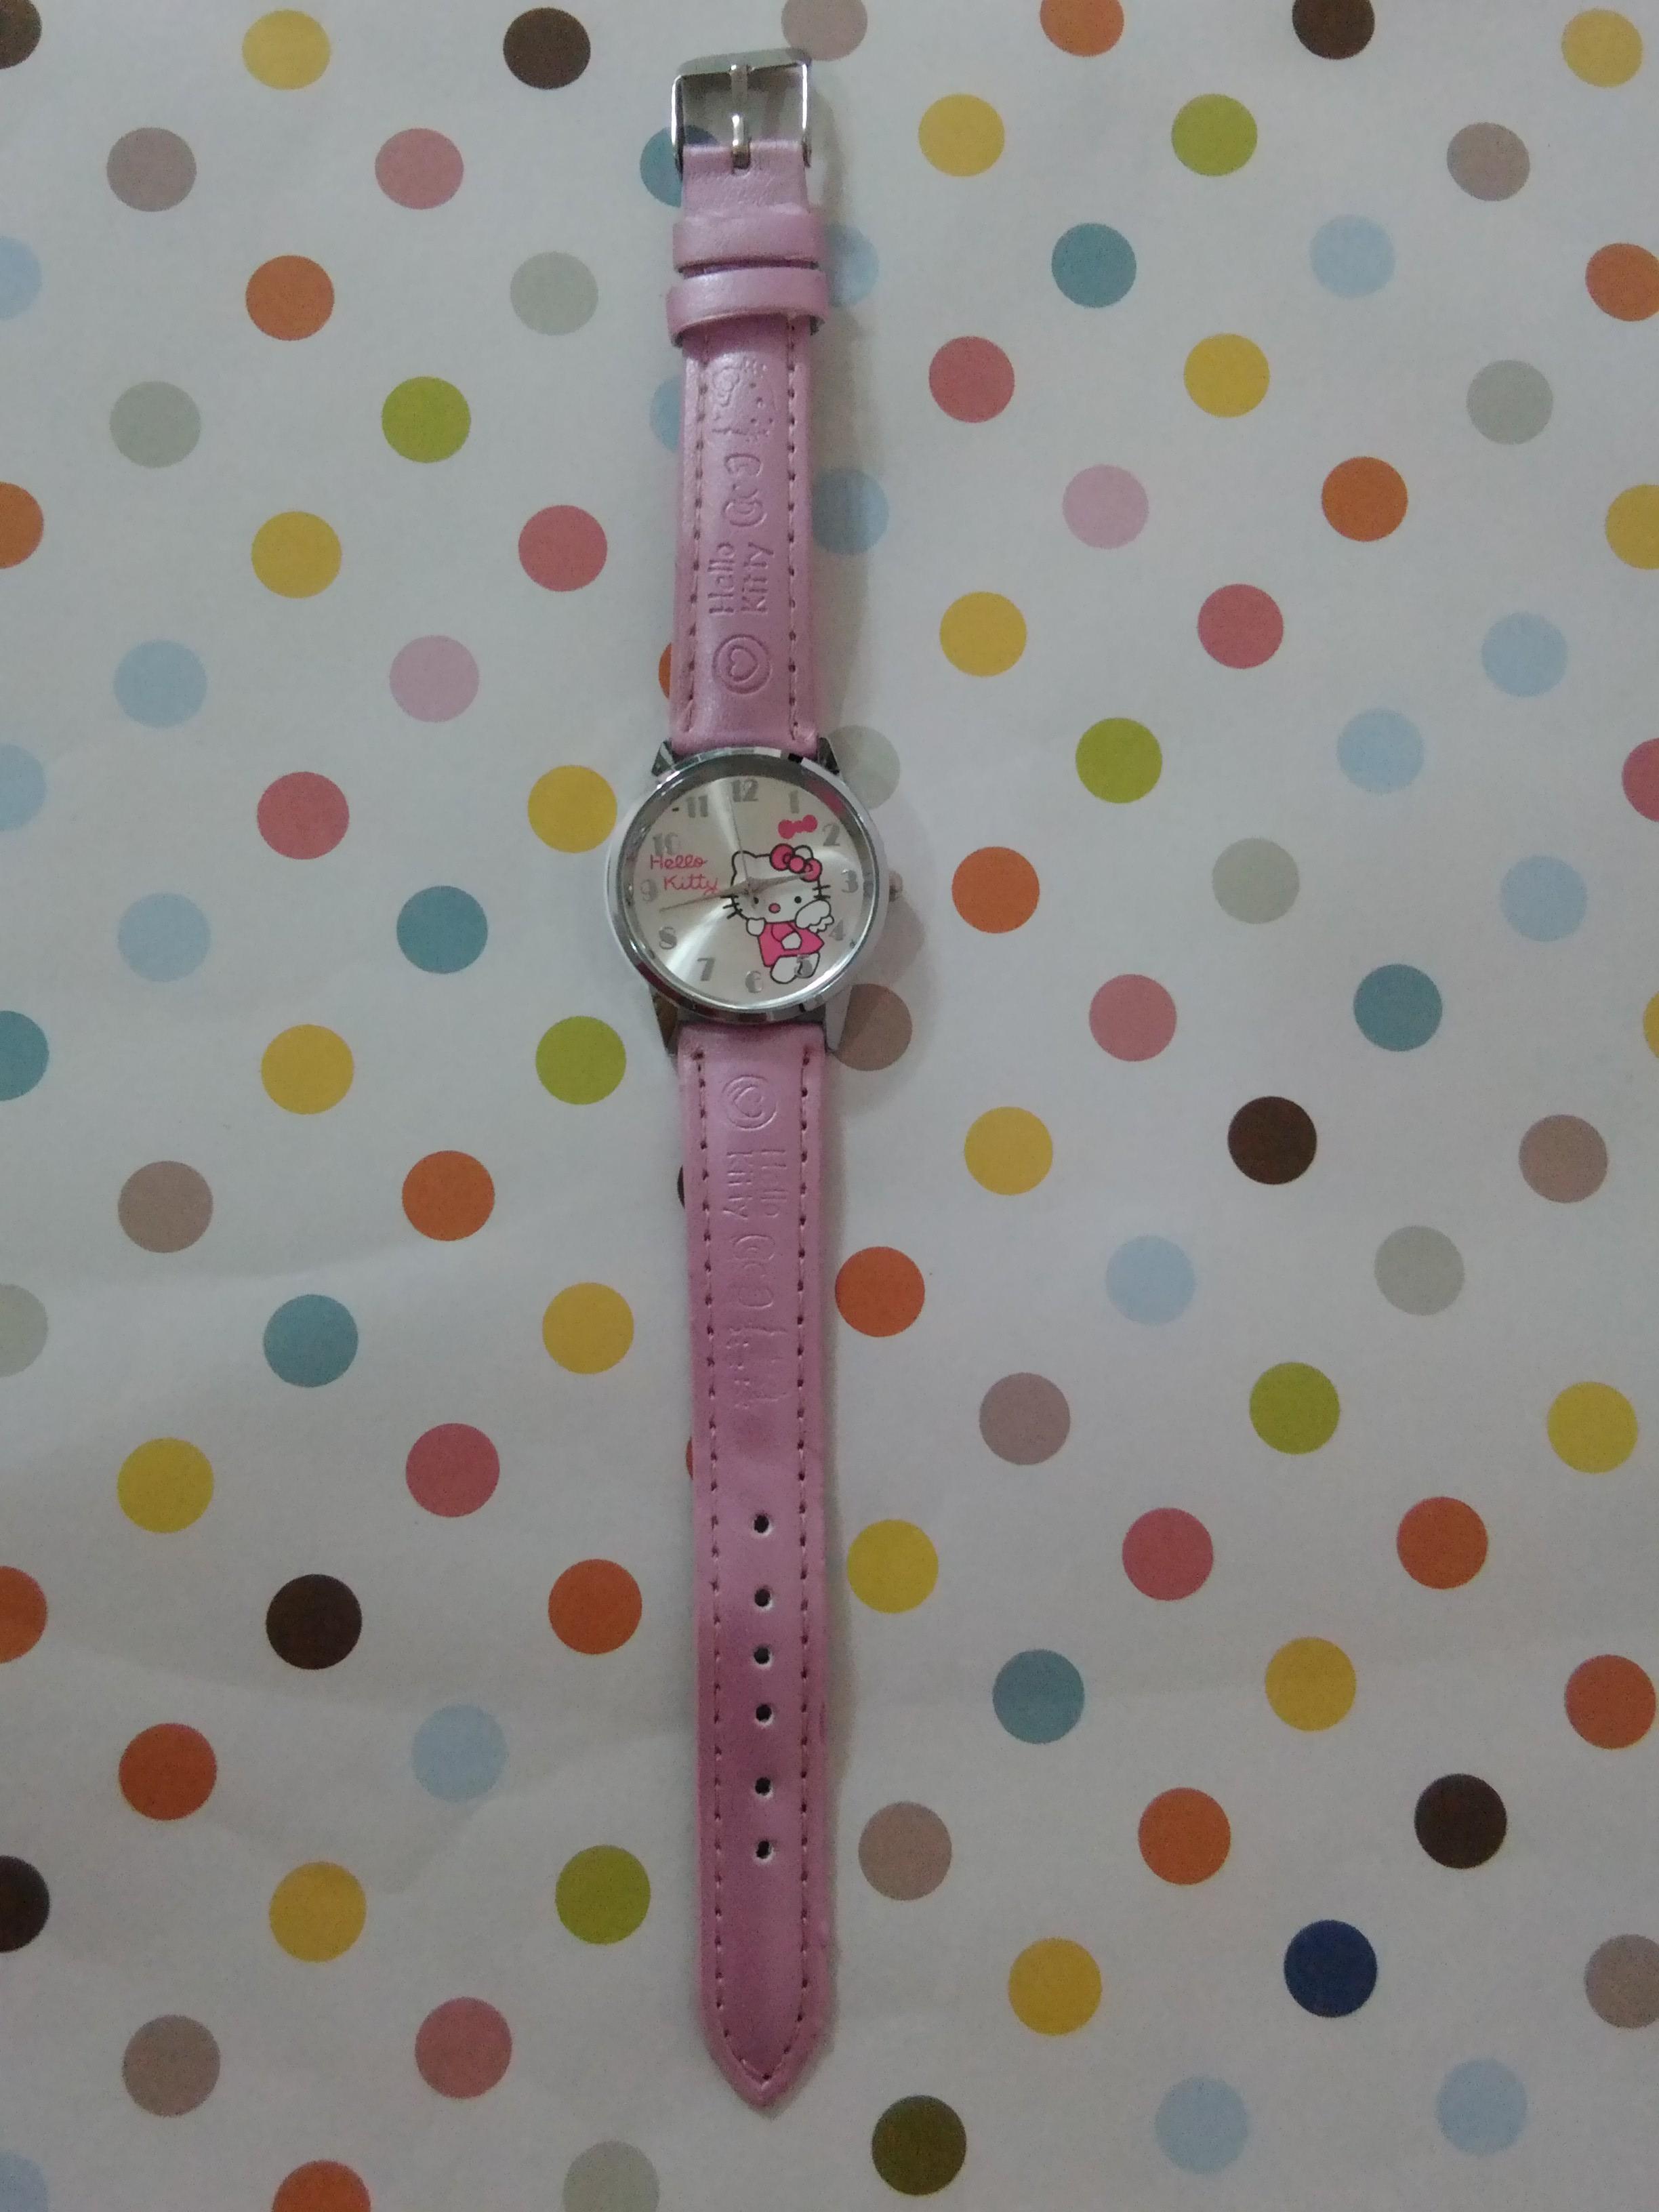 นาฬิกาข้อมือเด็ก ฮัลโหลคิตตี้ Hello kitty สีชมพู